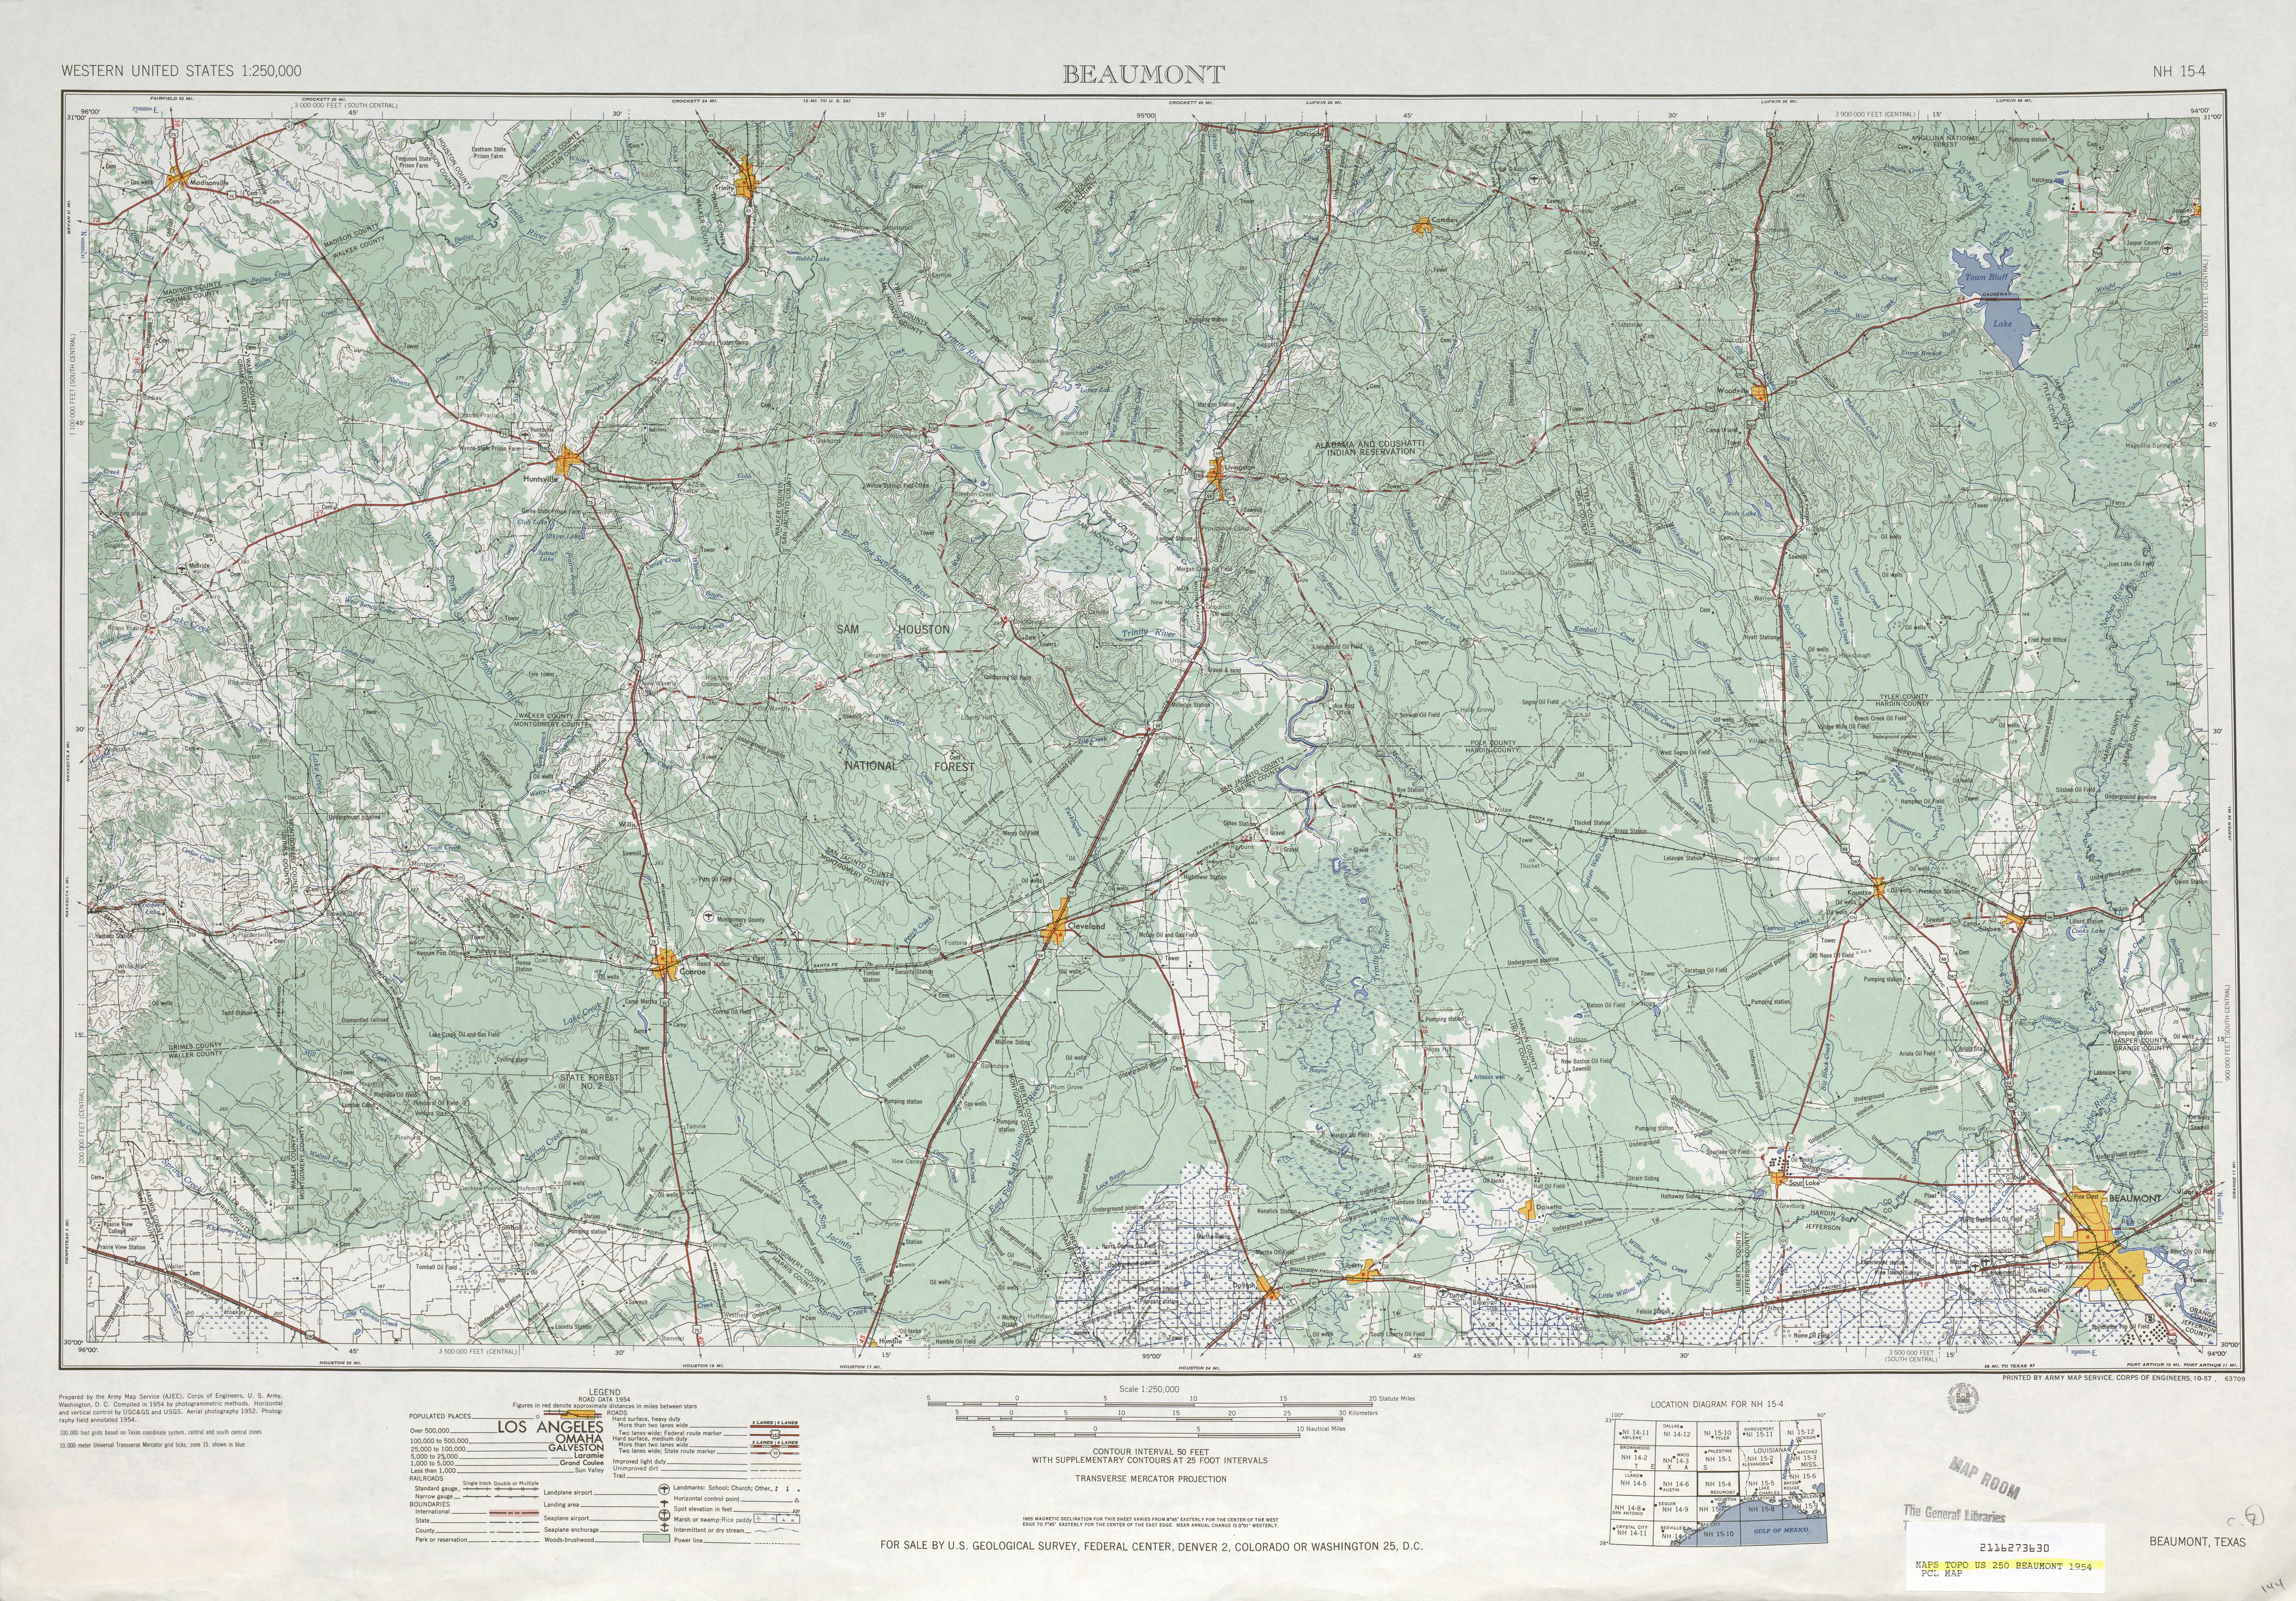 Hoja Beaumont del Mapa Topográfico de los Estados Unidos 1954